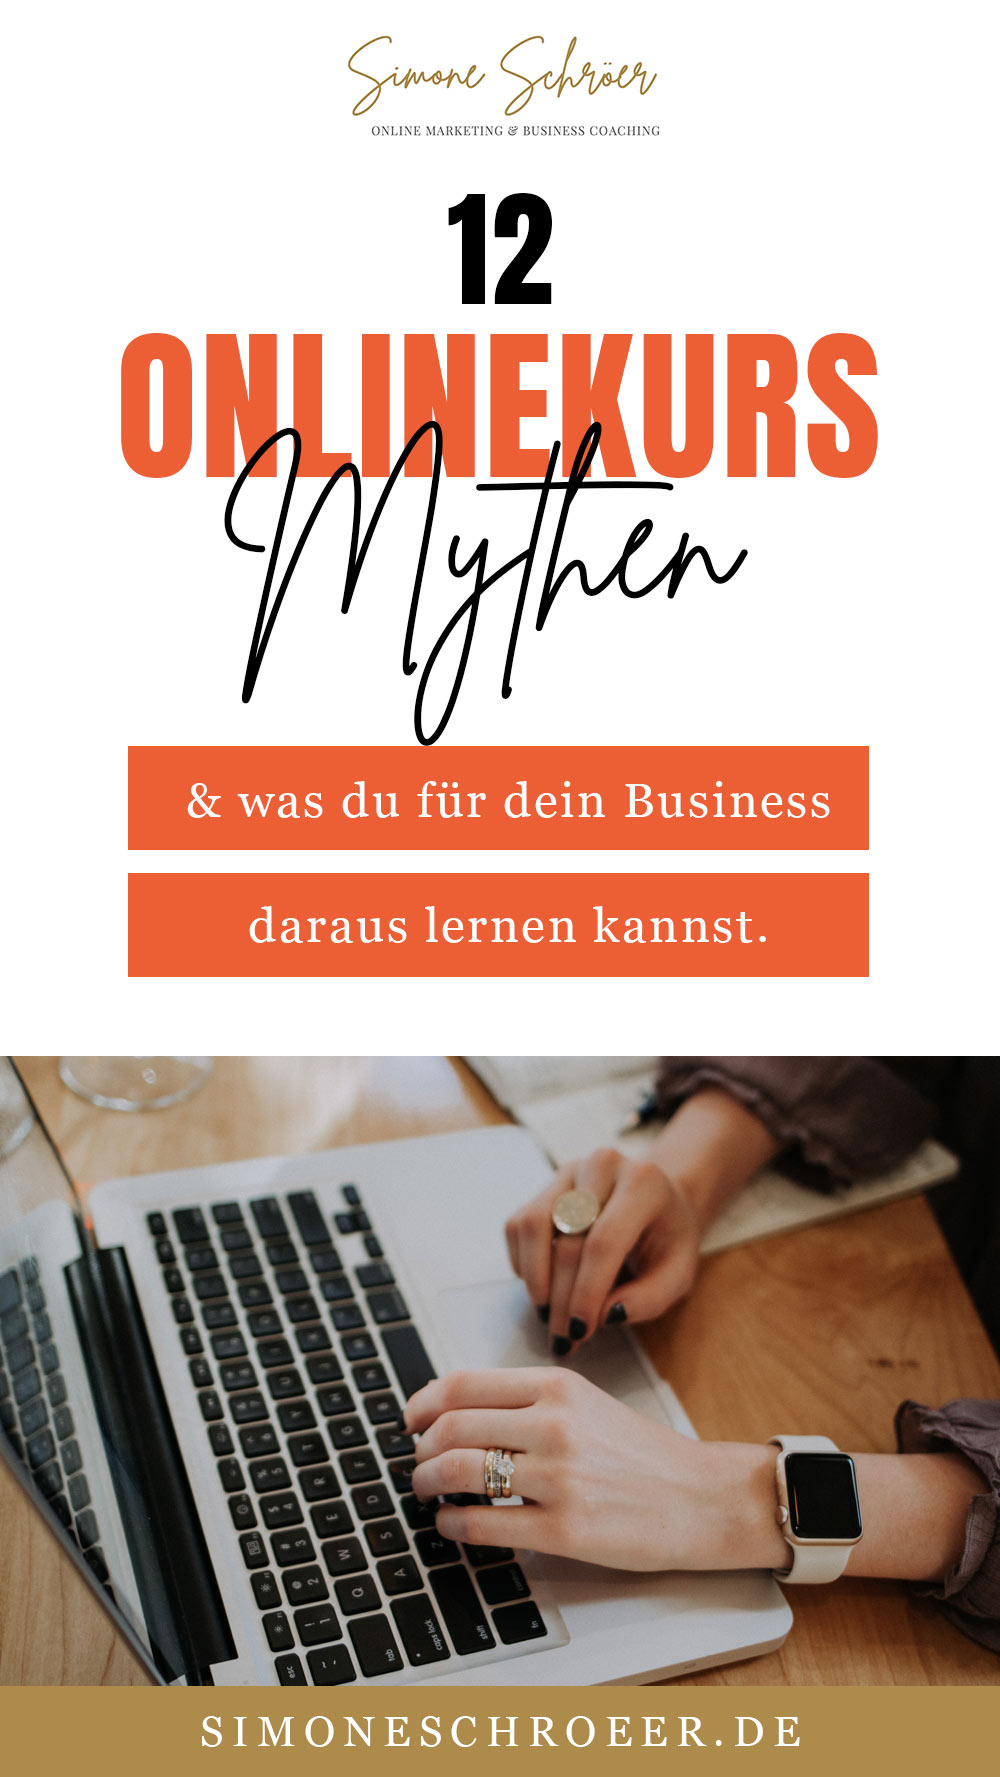 Auf dieser Grafik steht der Text, 12 Onlinekurs-Mythen & was du für dien Business darauf lernen kannst. Darunter sieht man ein Bild von einem Schreibtisch mit einer Hand, die auf dem Laptop liegt.